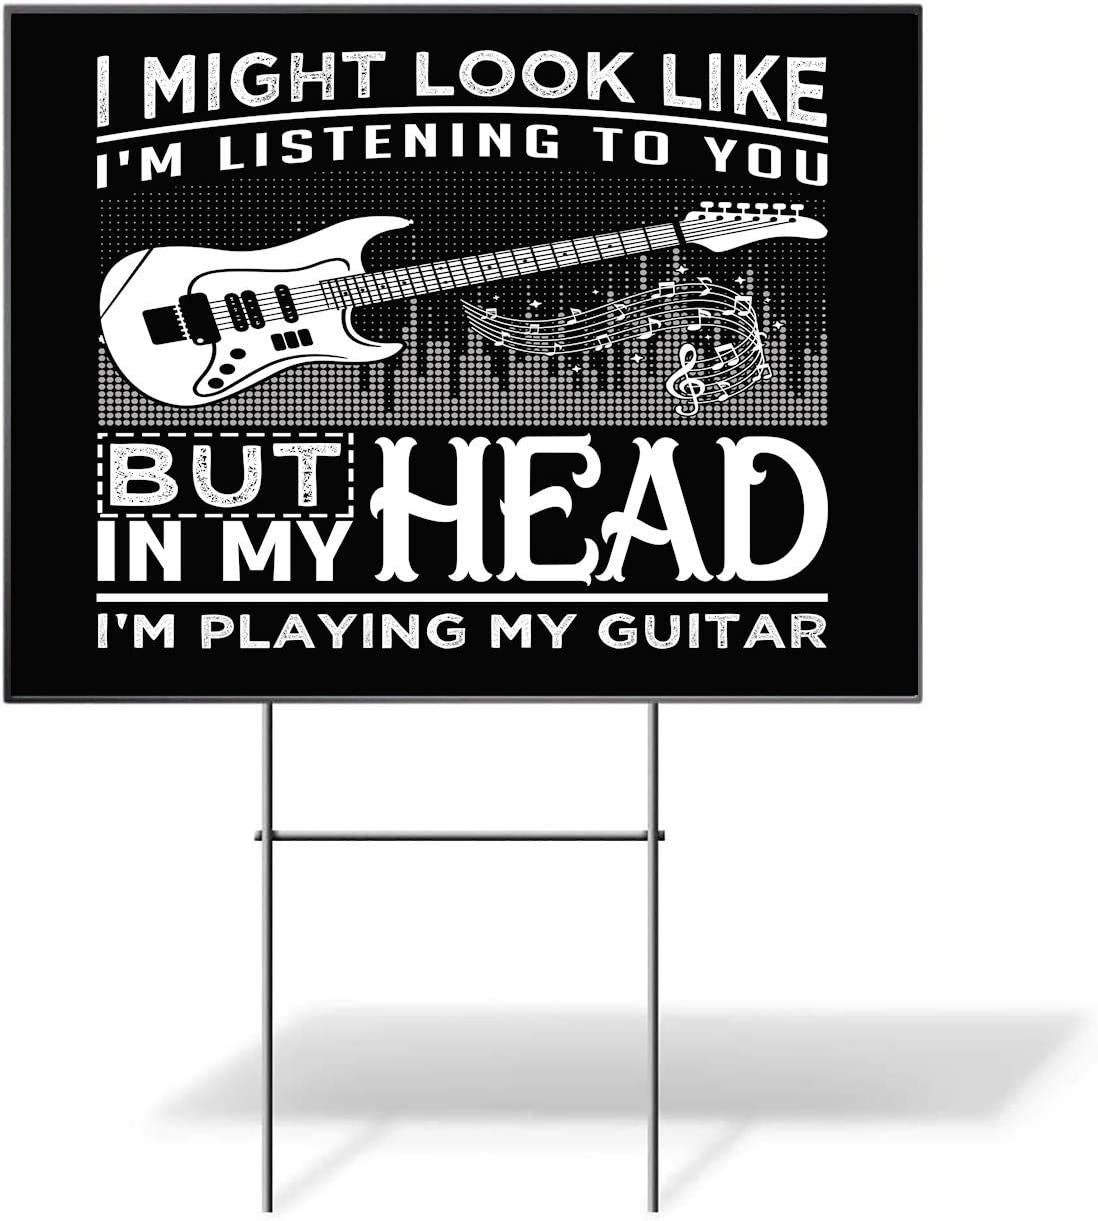 나는 당신에게 음악을 듣고있는 것처럼 보일 수도 있습니다 기타 야드 사인-파티 장식-1 조각(18X12 2 양면)